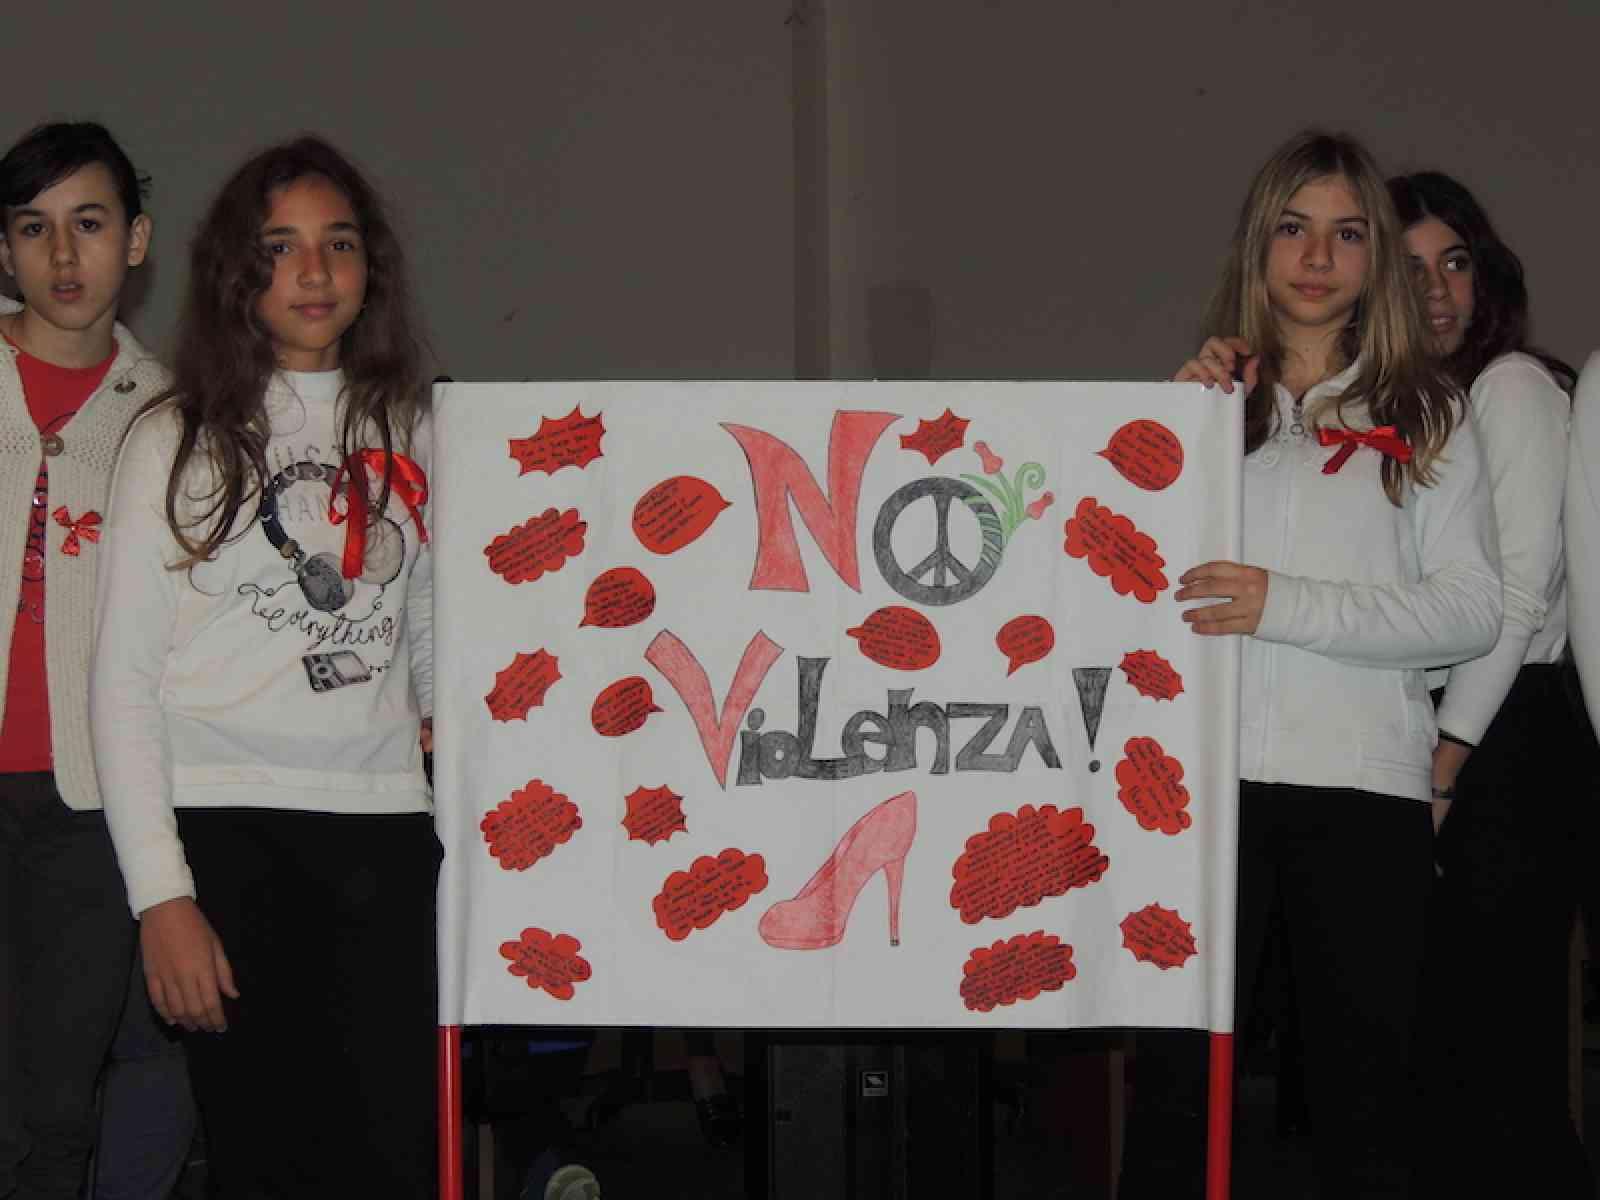 Anche gli studenti di Salaparuta, Poggioreale e Partanna contro la violenza sulle donne